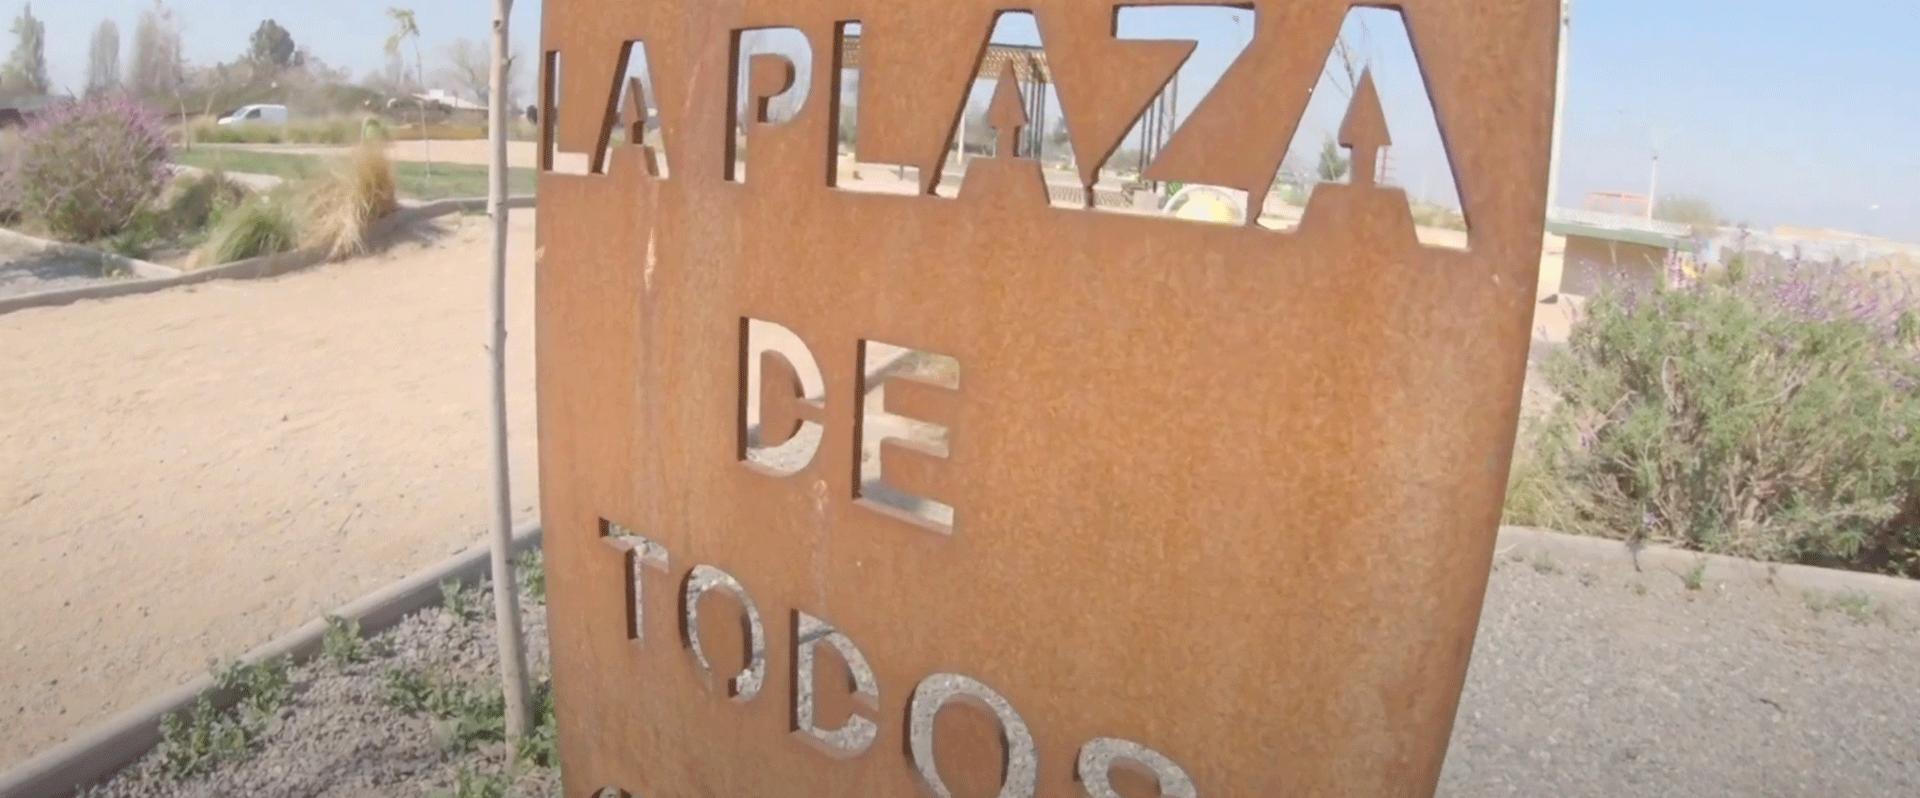 #SíSePuede: La Plaza de Todos